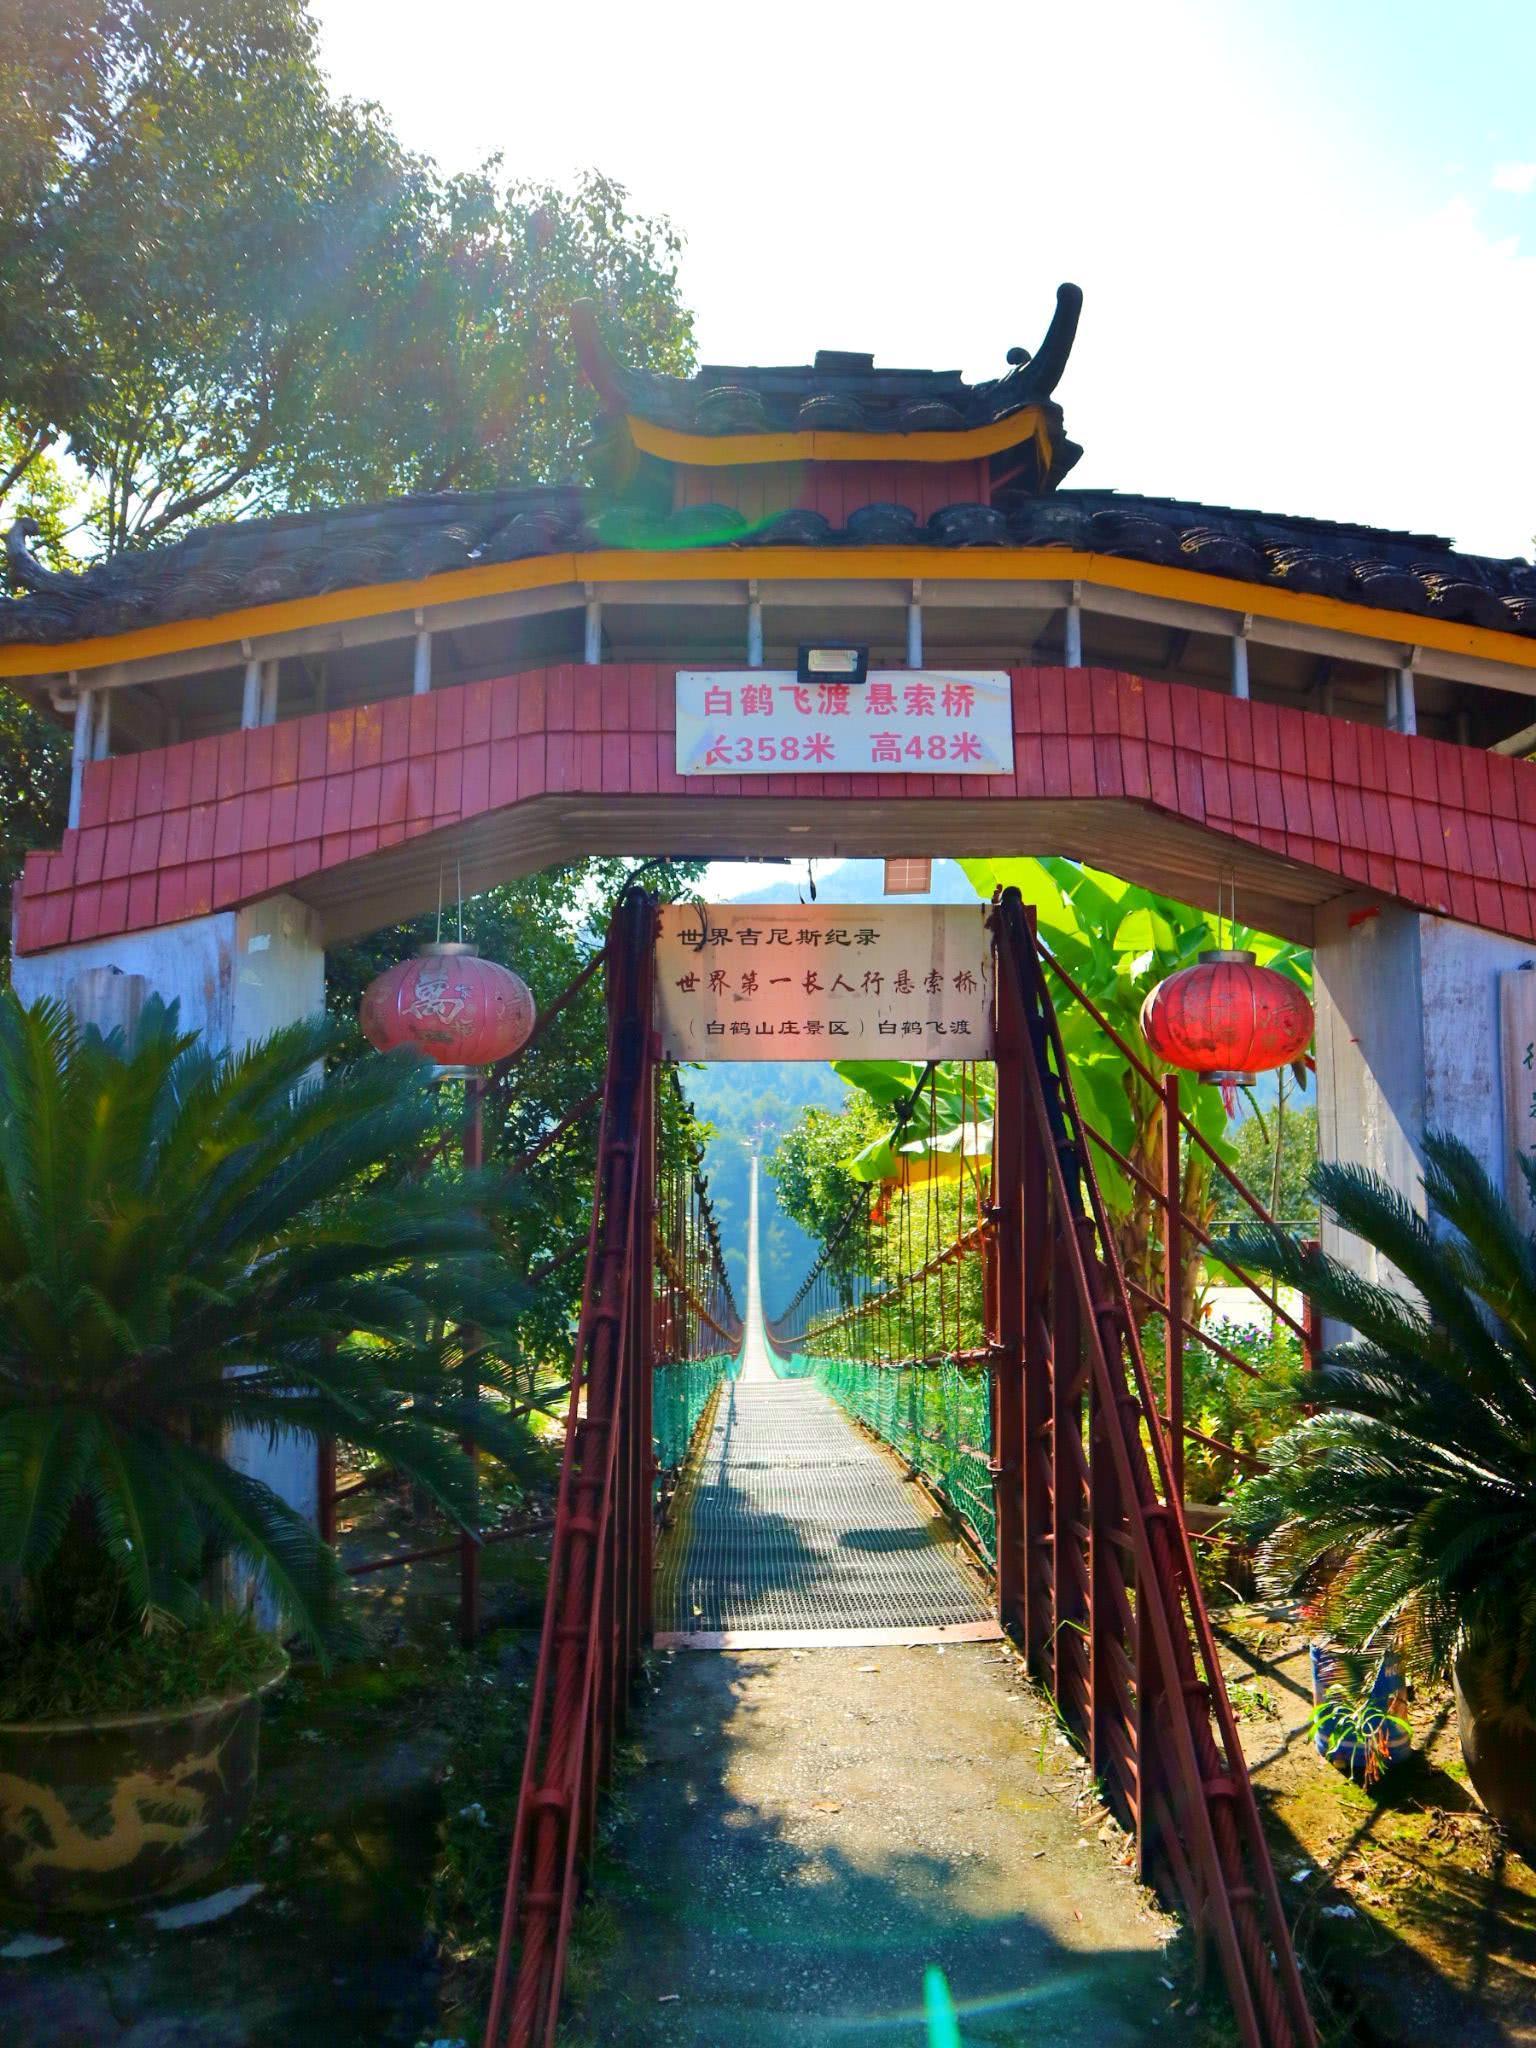 浙南山区小县城泰顺有座中国之最的人行悬索桥,比玻璃栈道更刺激